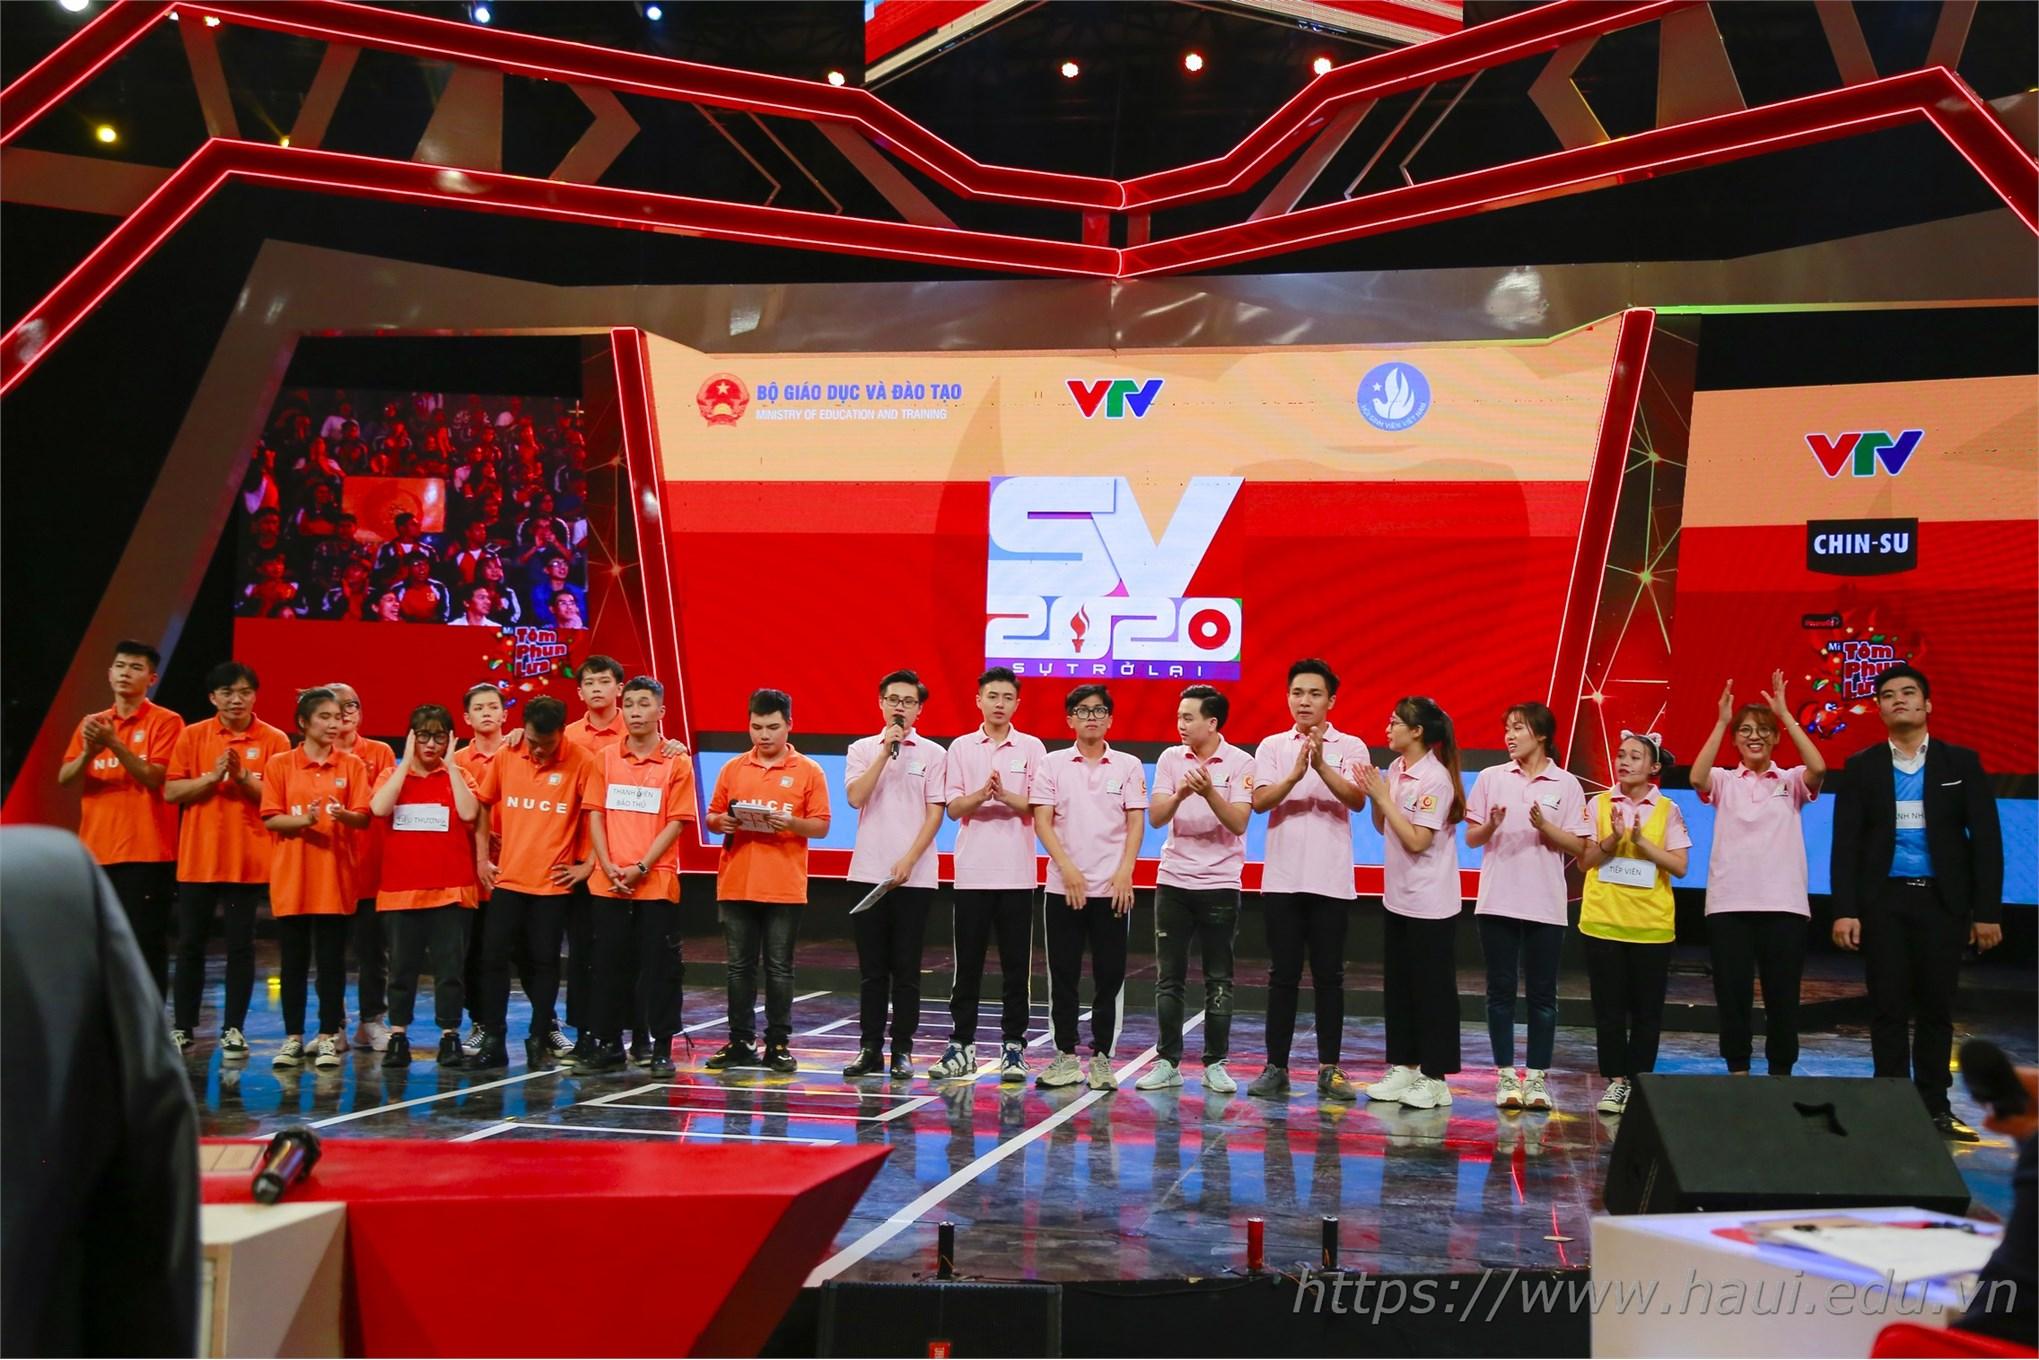 Đại học Công nghiệp Hà Nội chiến thắng vòng bảng SV2020